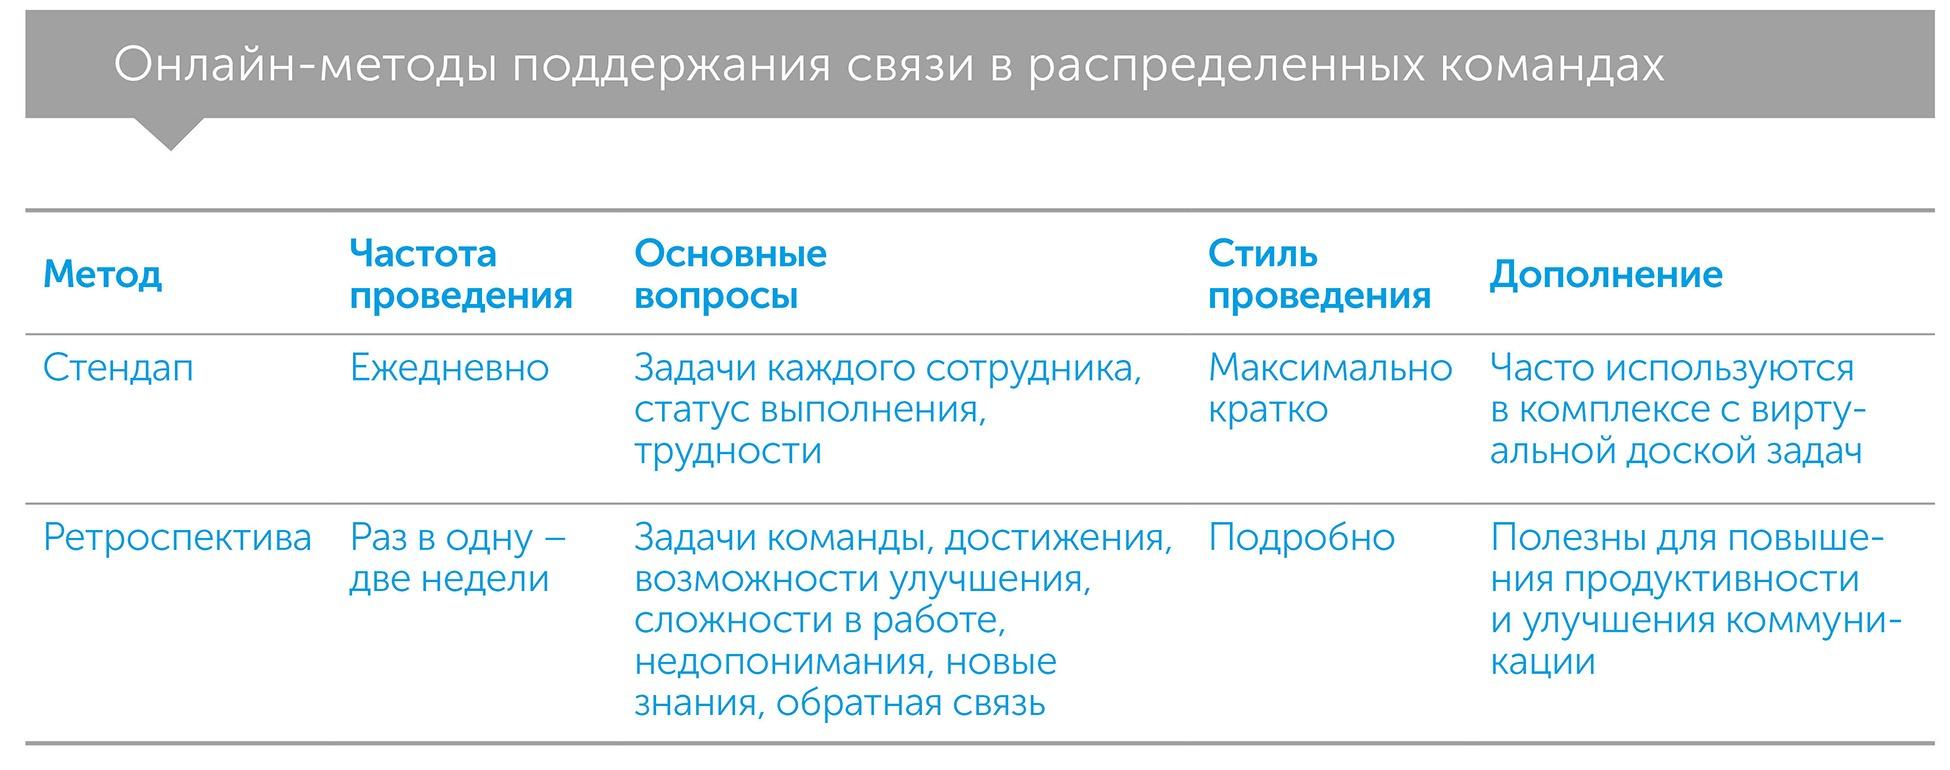 Вместе и где угодно. Инструкция по успешной удаленной работе для сотрудников, руководителей и команд, автор Лизетт Сазерленд   Kyivstar Business Hub, изображение №5